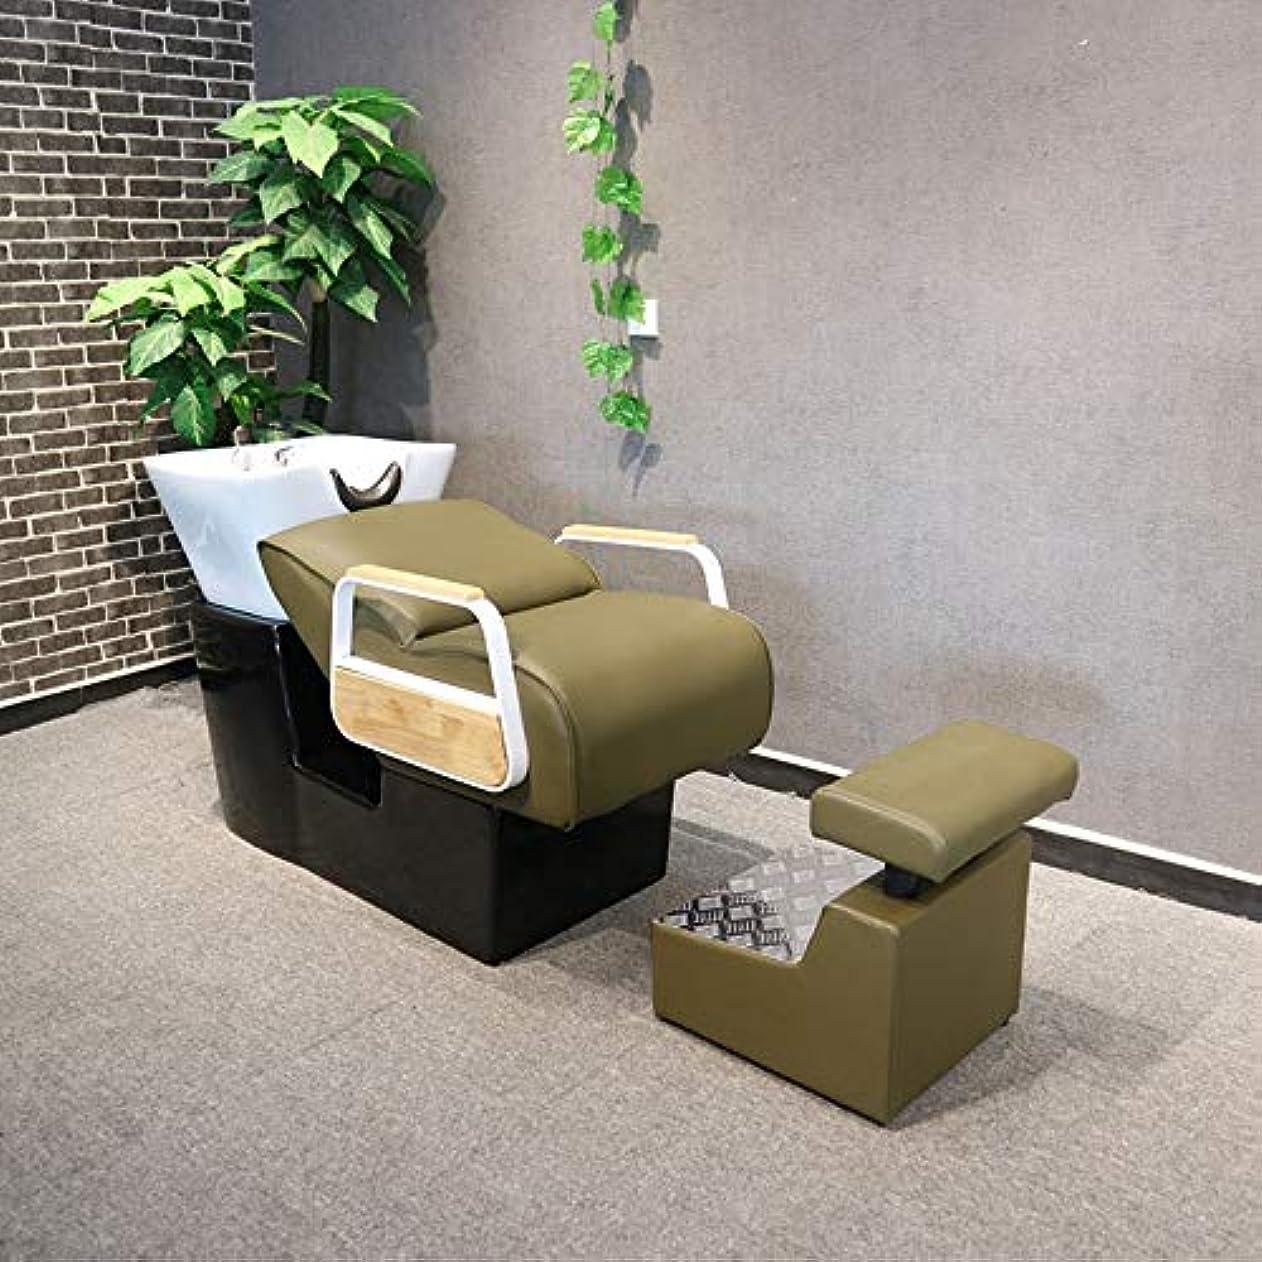 海峡遺棄された普通にシャンプーの椅子、美容院装置の逆洗装置の陶磁器の洗面器の洗い流すベッドのシャンプーボールの理髪店の流しの椅子